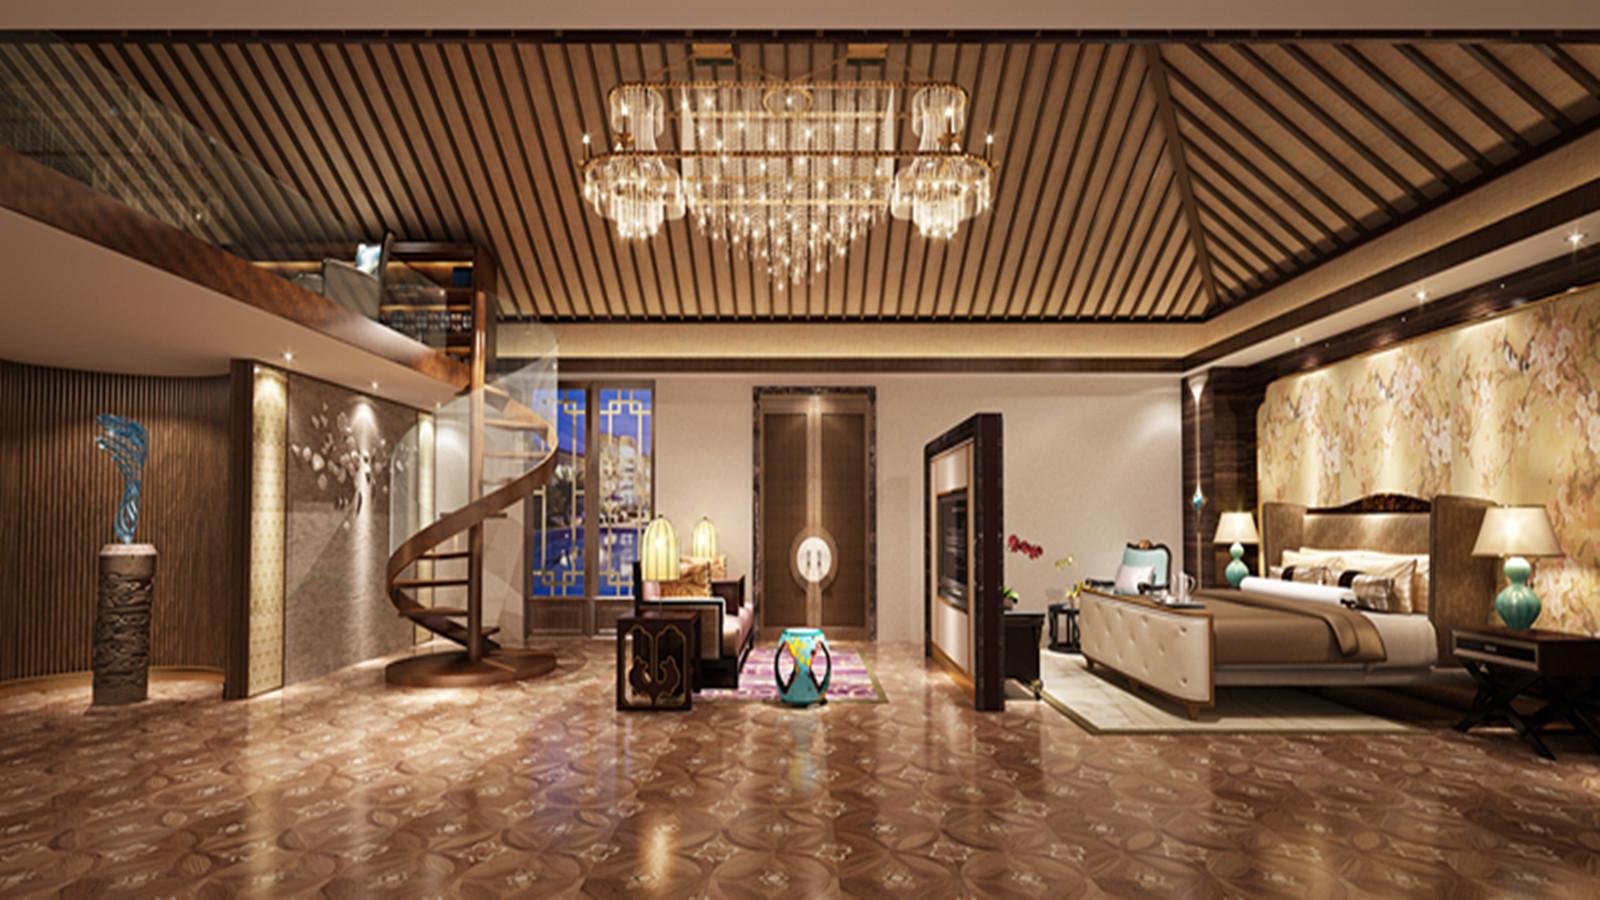 别墅 欧式 奢华 卧室图片来自高度国际装饰宋增会在达观别墅240平米奢华欧式的分享